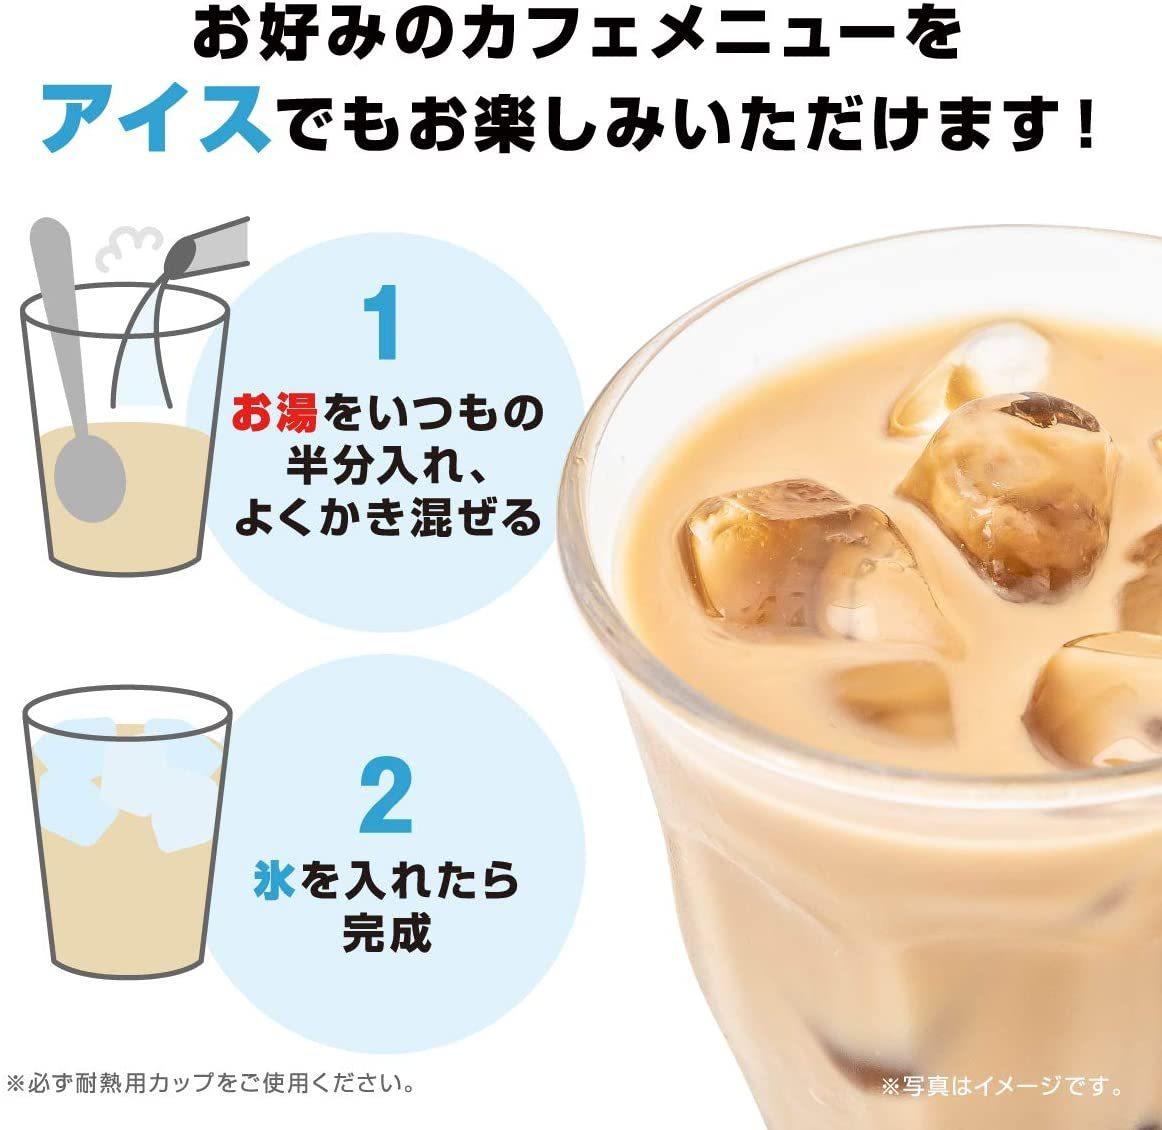 【即決 送料無料】60本 濃厚ロイヤルミルクティー カフェラトリー AGF ブレンディ スティック アイス ホット カフェラテ カフェオレ 紅茶